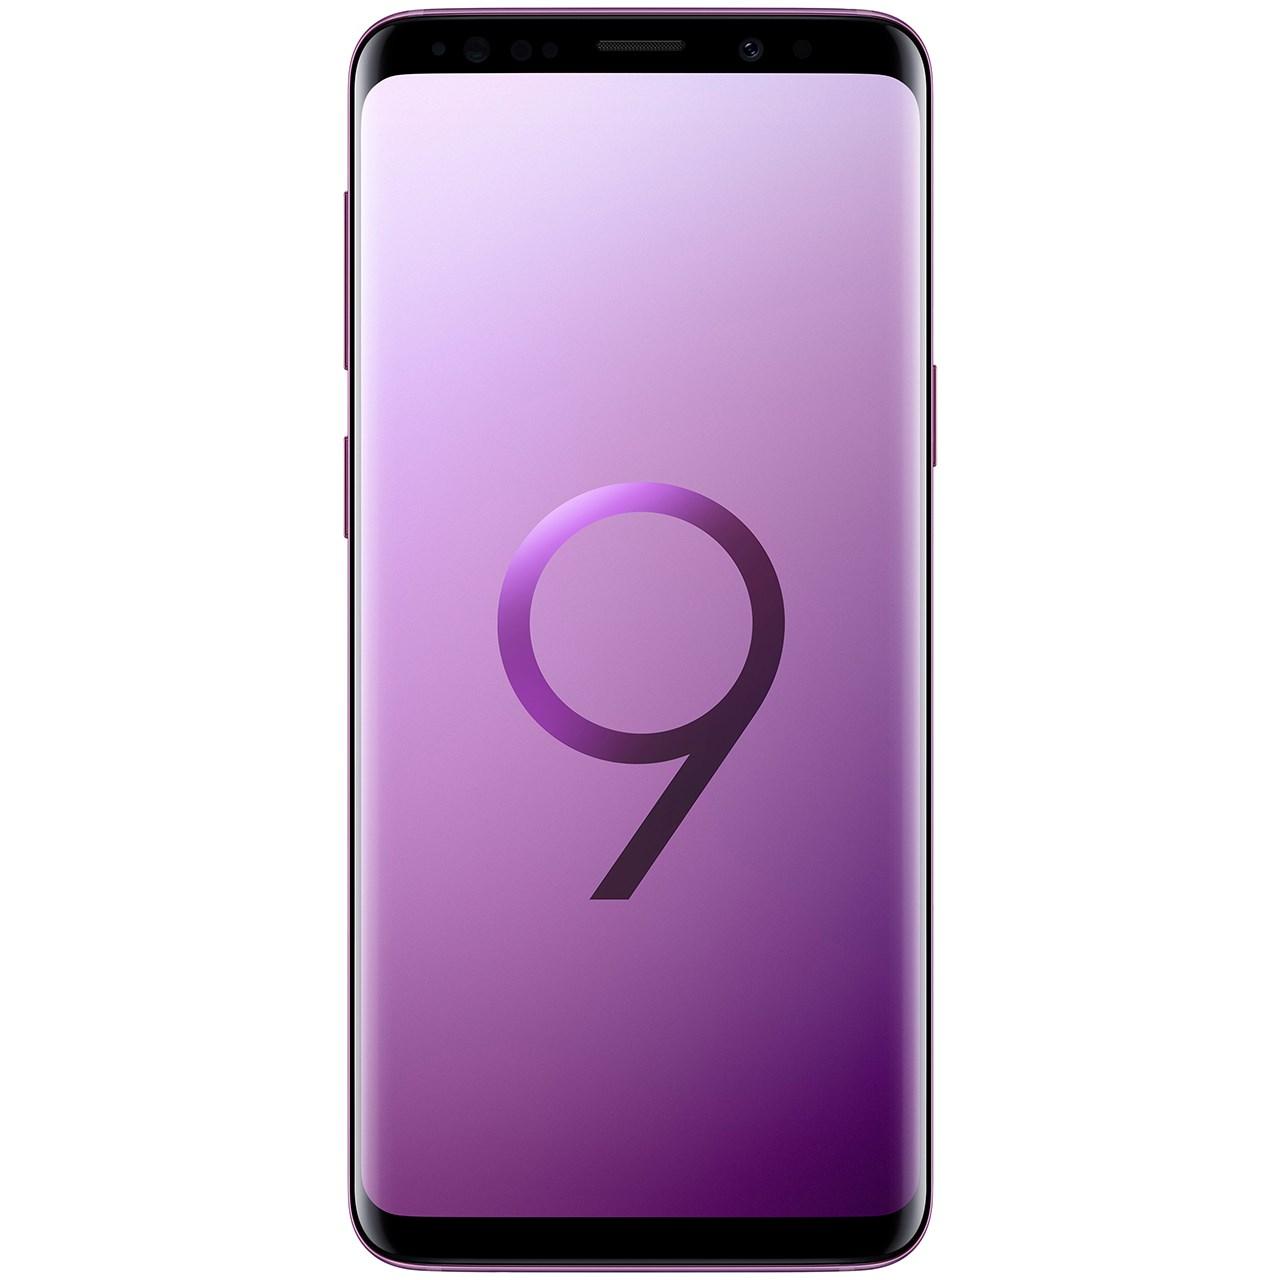 گوشی موبایل سامسونگ مدل Galaxy S9 دو سیم کارت ظرفیت 64 گیگابایت